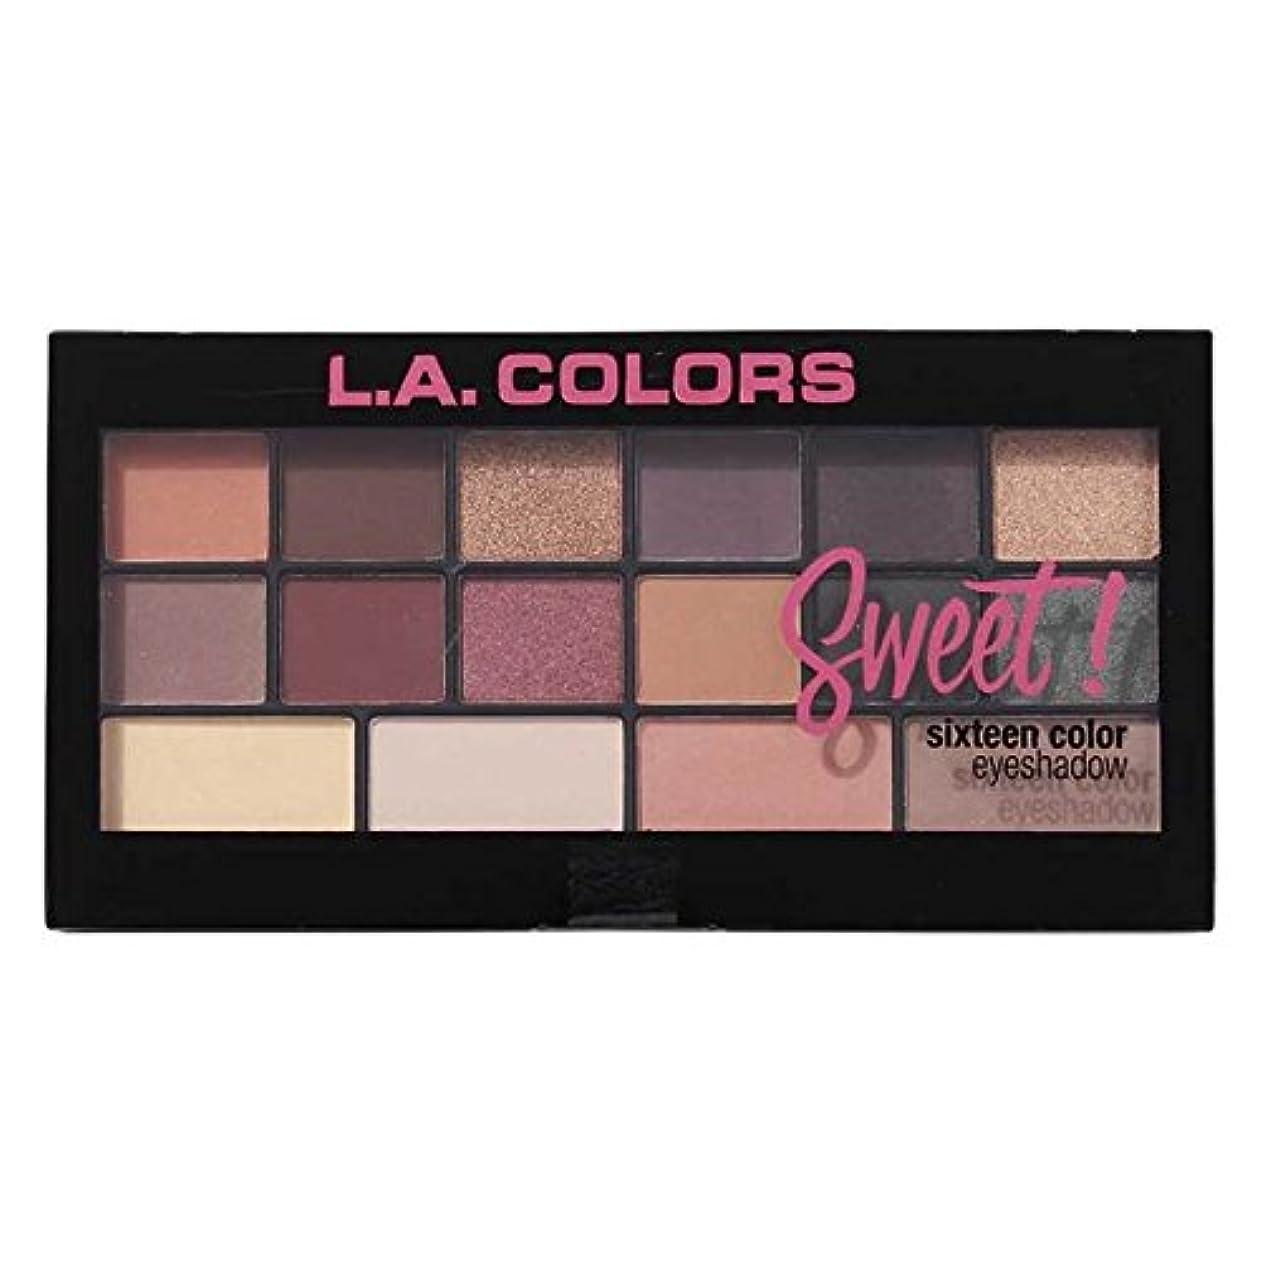 失礼なごみ安定した(3 Pack) L.A. Colors Sweet! 16 Color Eyeshadow Palette - Seductive (並行輸入品)